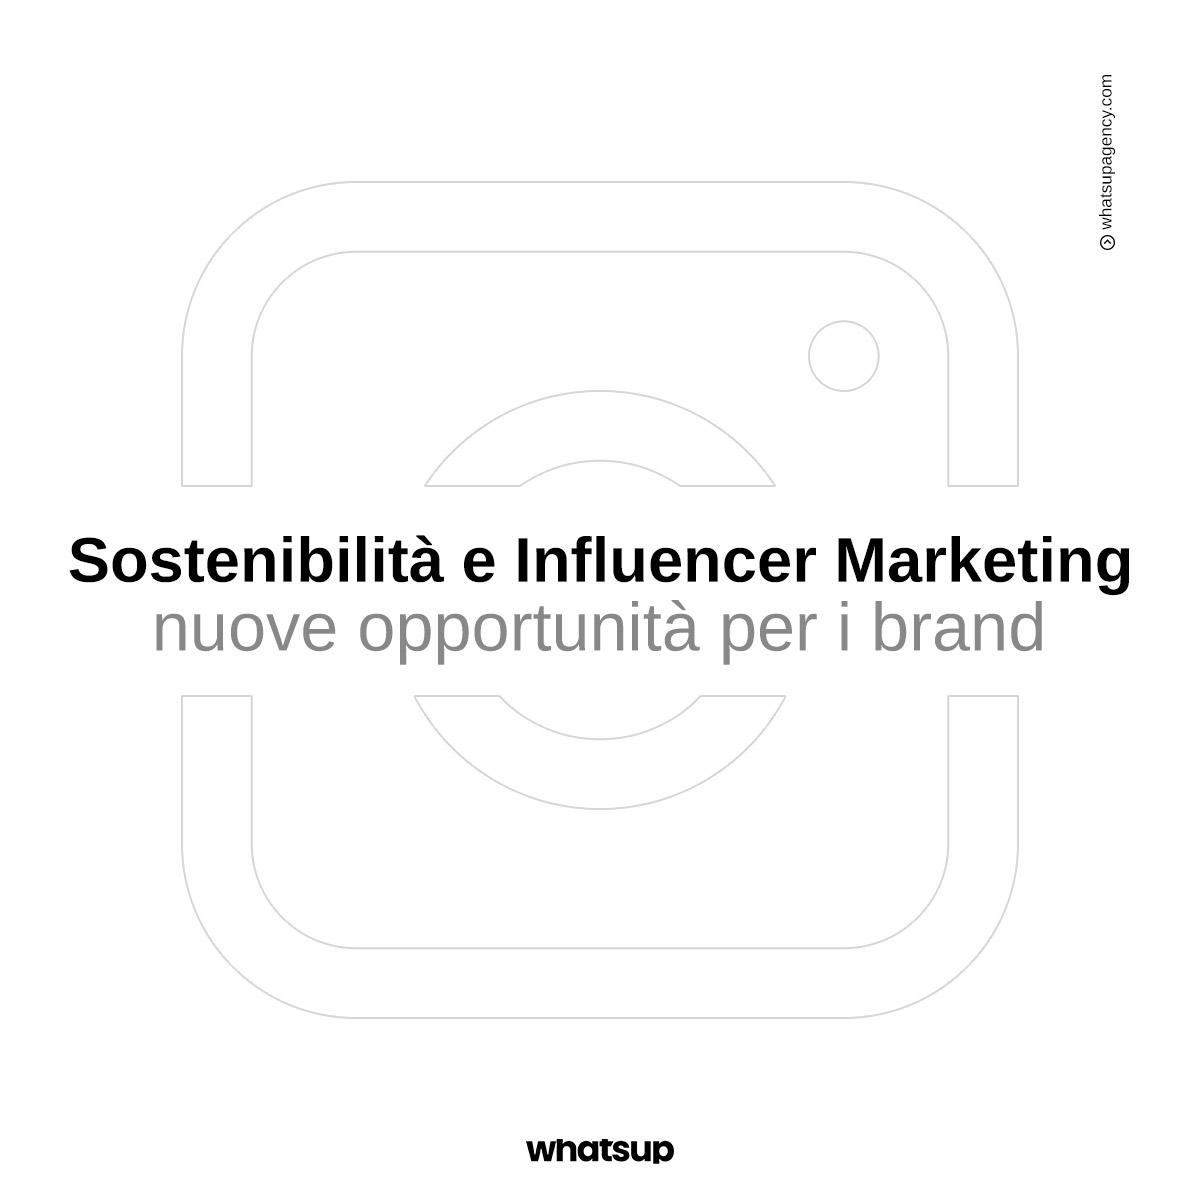 Sostenibilità e Influencer Marketing: nuove opportunità per i brand